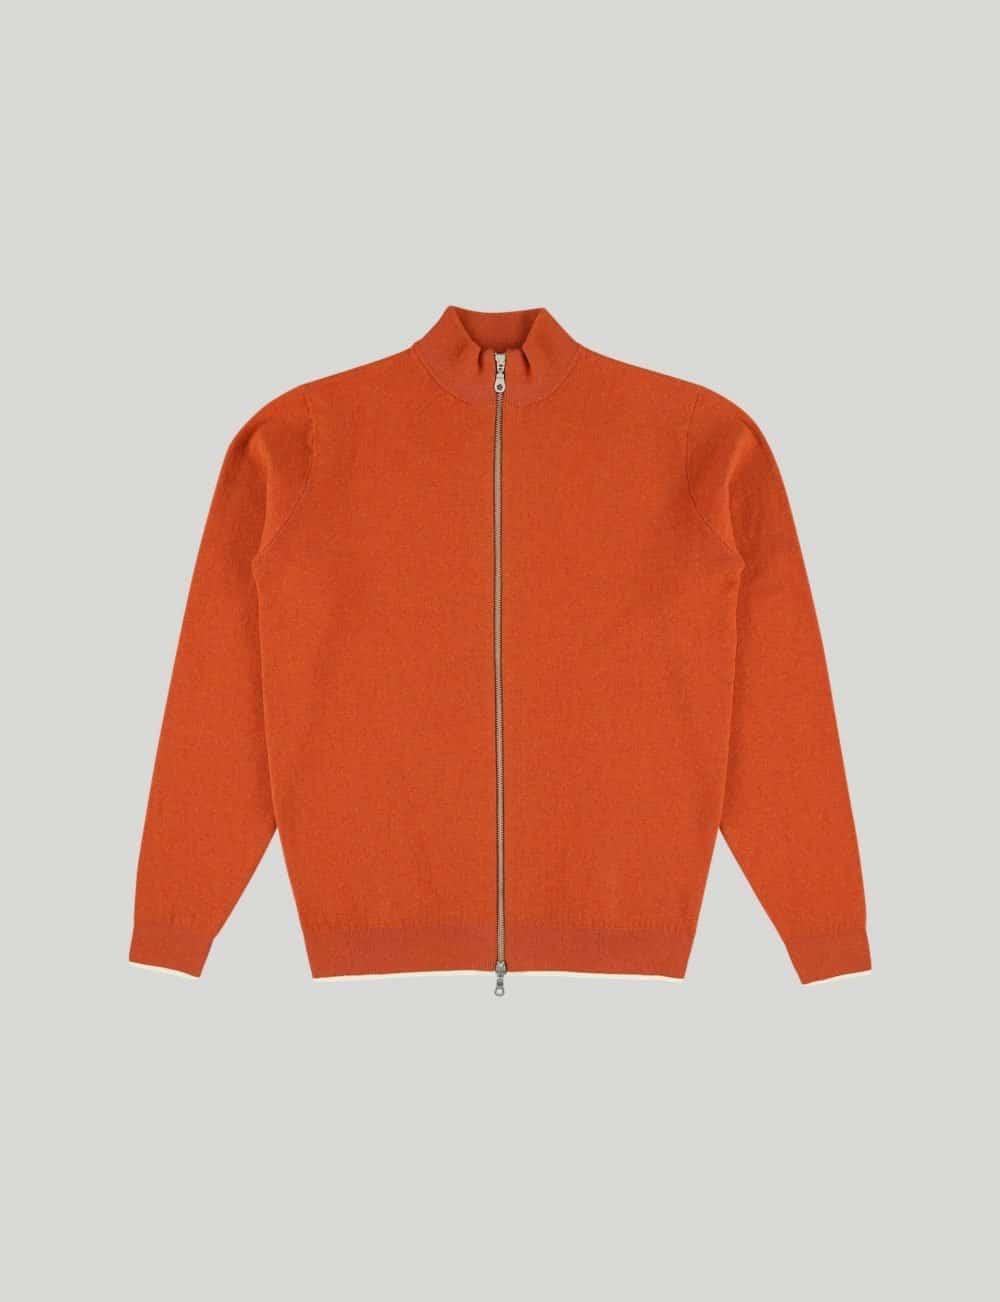 Castart - Moulin Rouge Knitwear - Orange